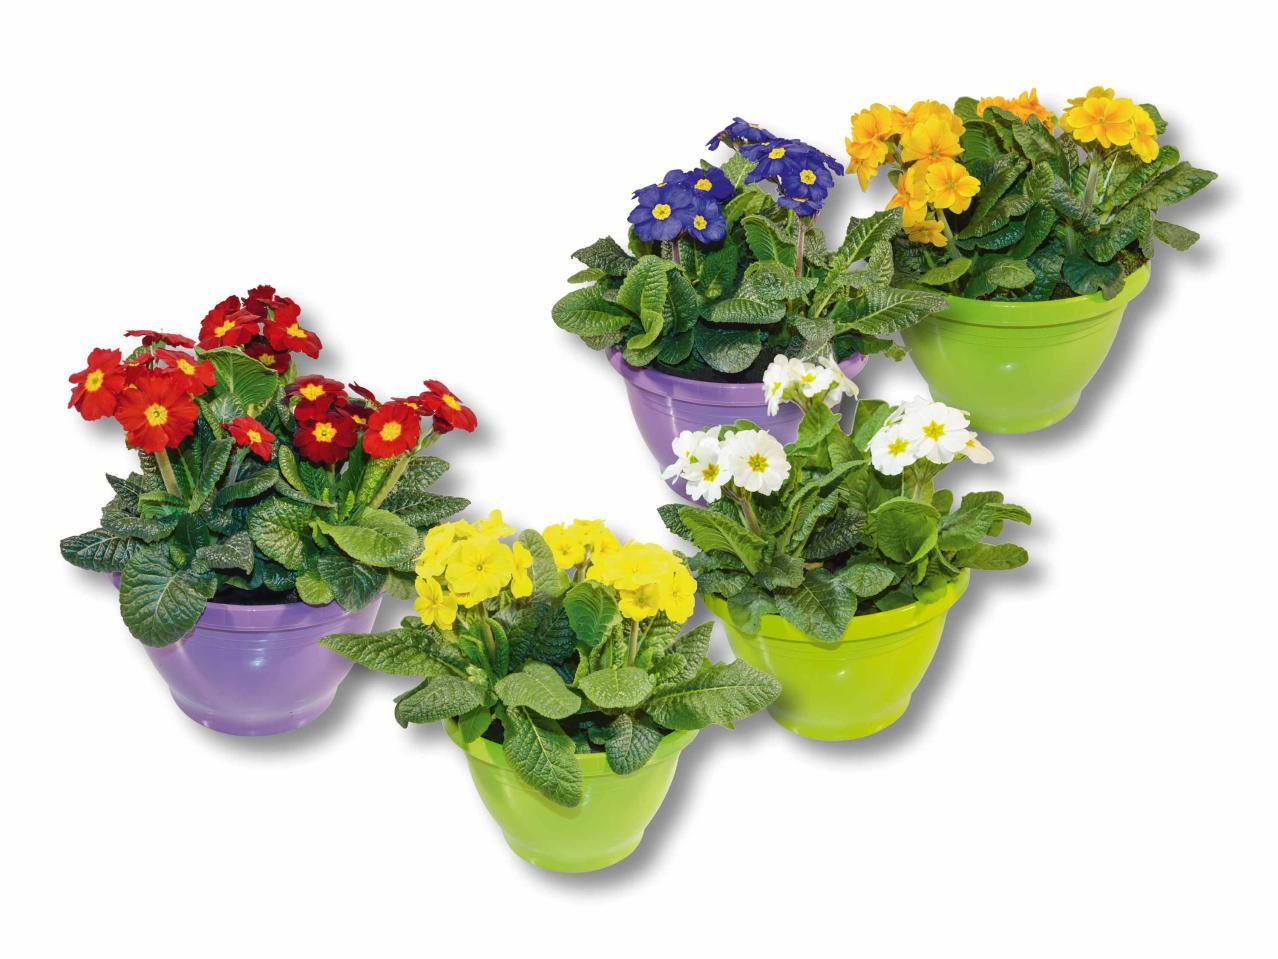 Primule da giardino in vaso lidl svizzera archivio for Offerte piante da giardino